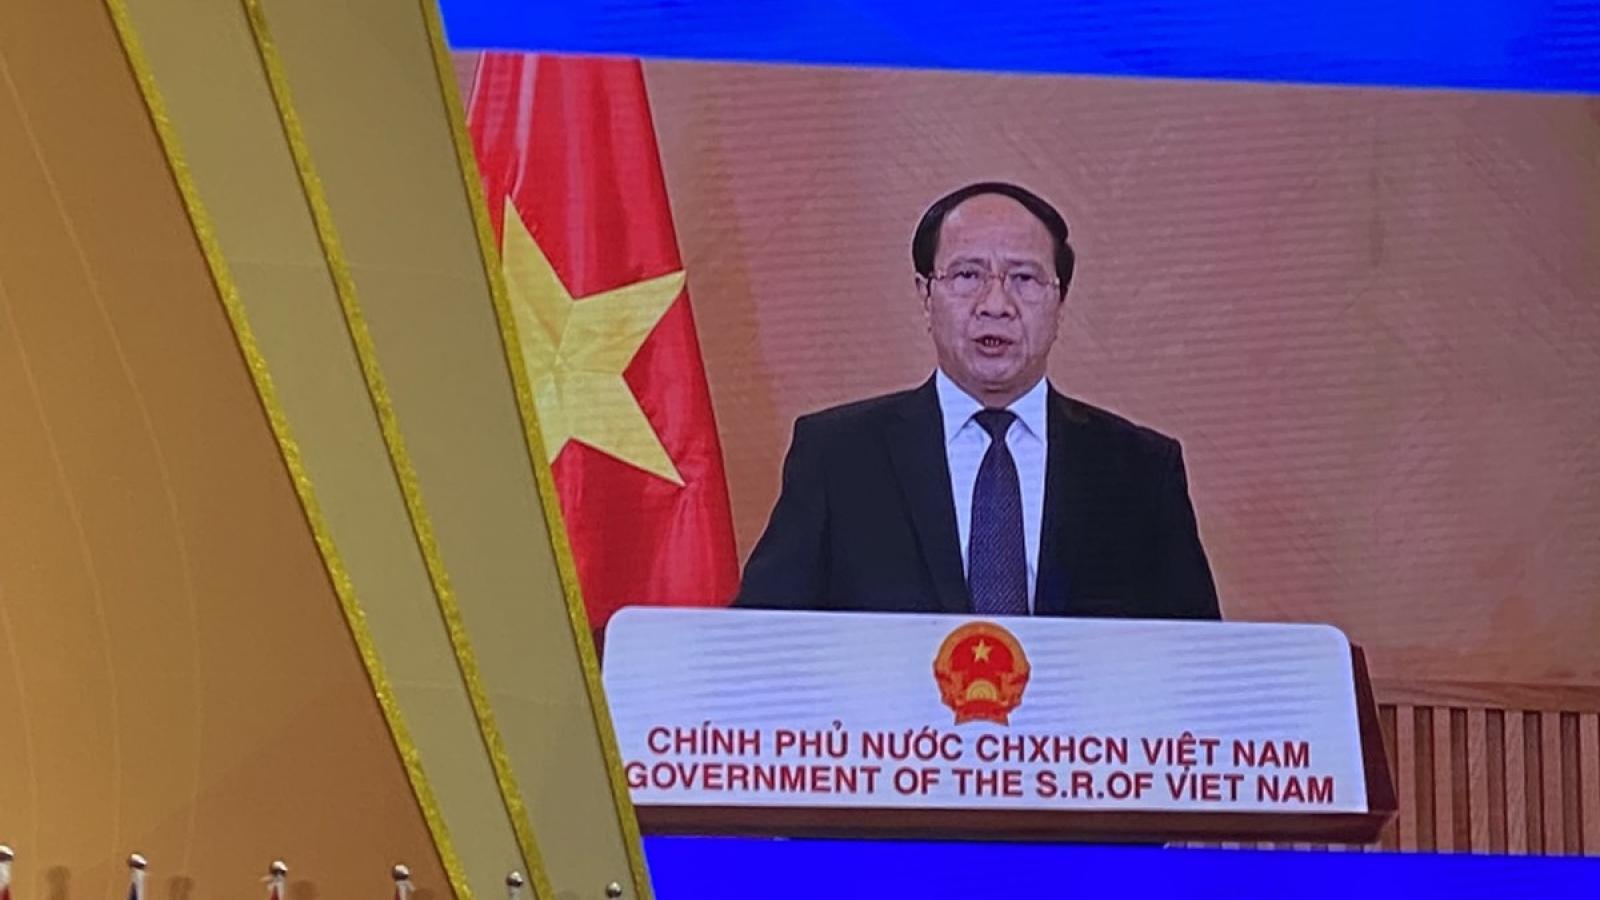 Phó Thủ tướng Lê Văn Thành dự Khai mạc Hội chợ ASEAN - Trung Quốclần thứ 18